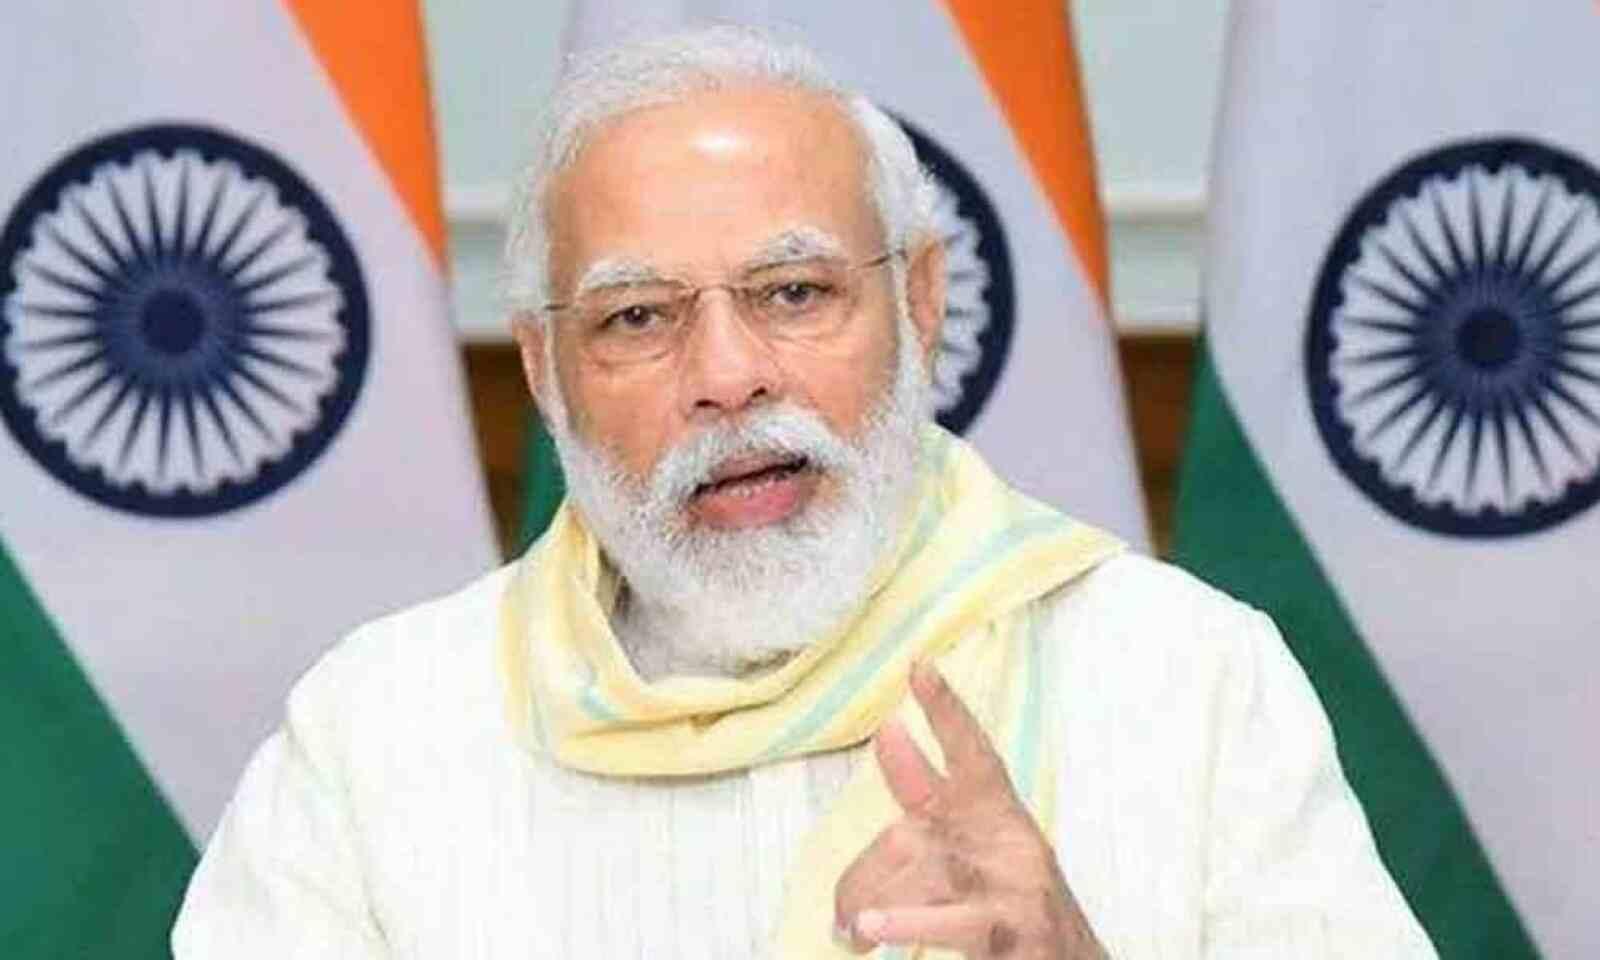 6th anniversary of Skill India Mission addressed by PM Modi | ஸ்கில் இந்தியா மிஷனின் 6 வது ஆண்டுவிழாவில் பிரதமர் மோடி உரையாற்றினார். |_40.1